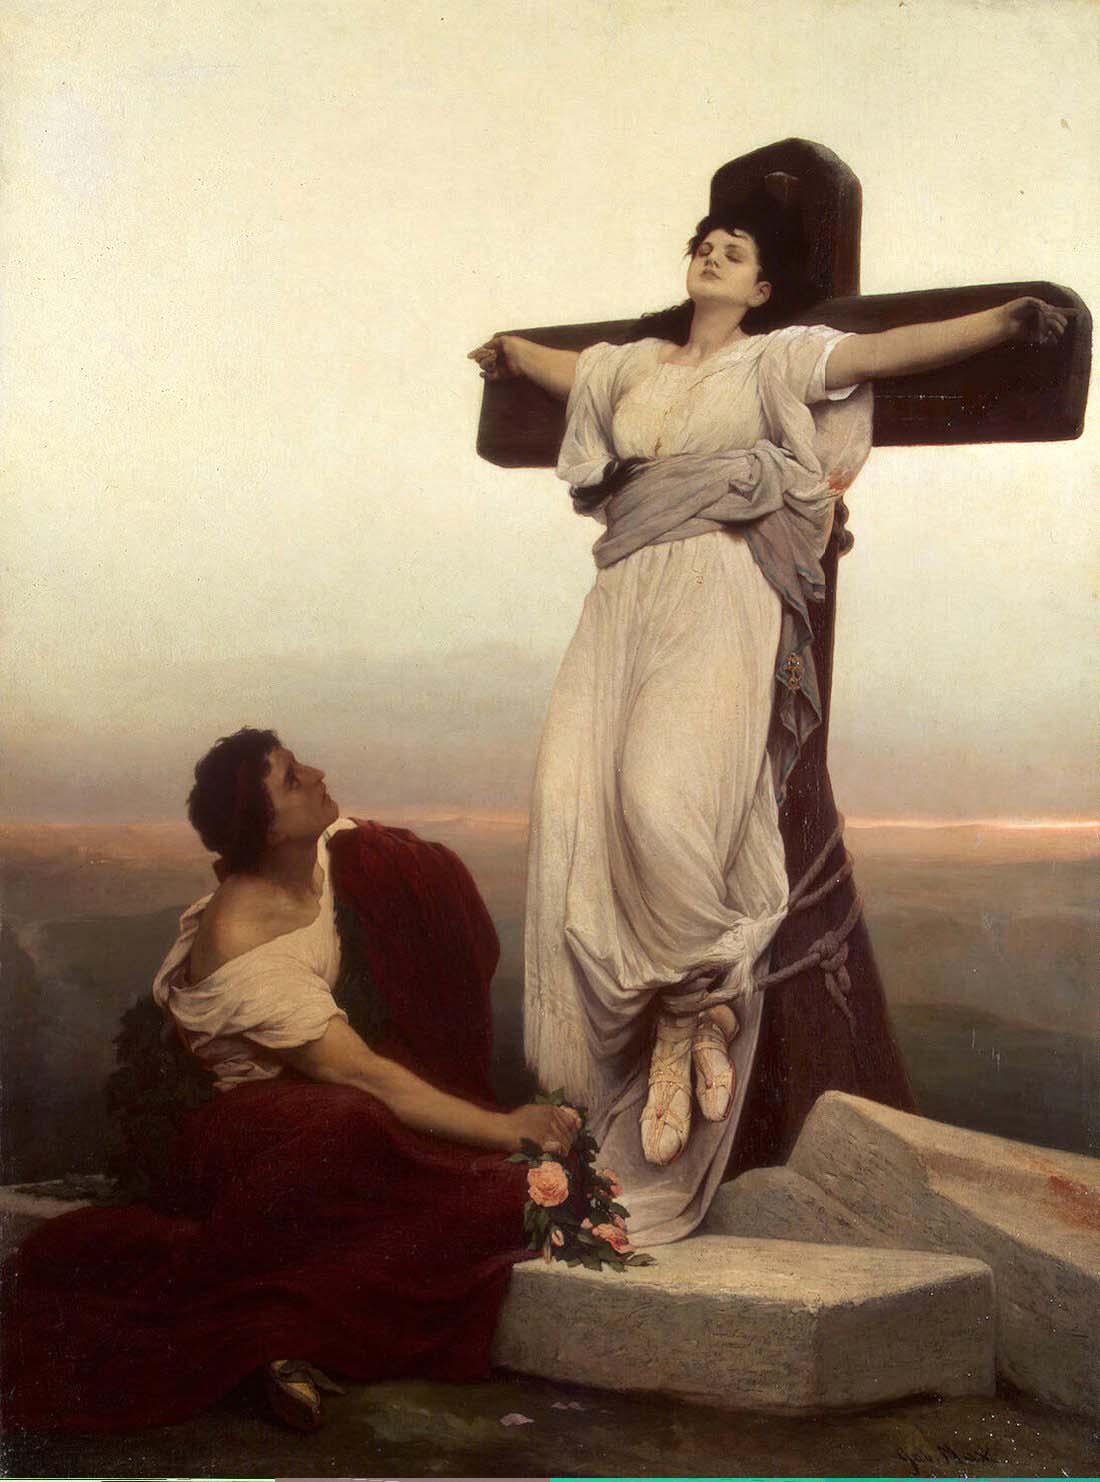 Gabriel von Max, Kreuzigung der Julia von Korsika, 1866